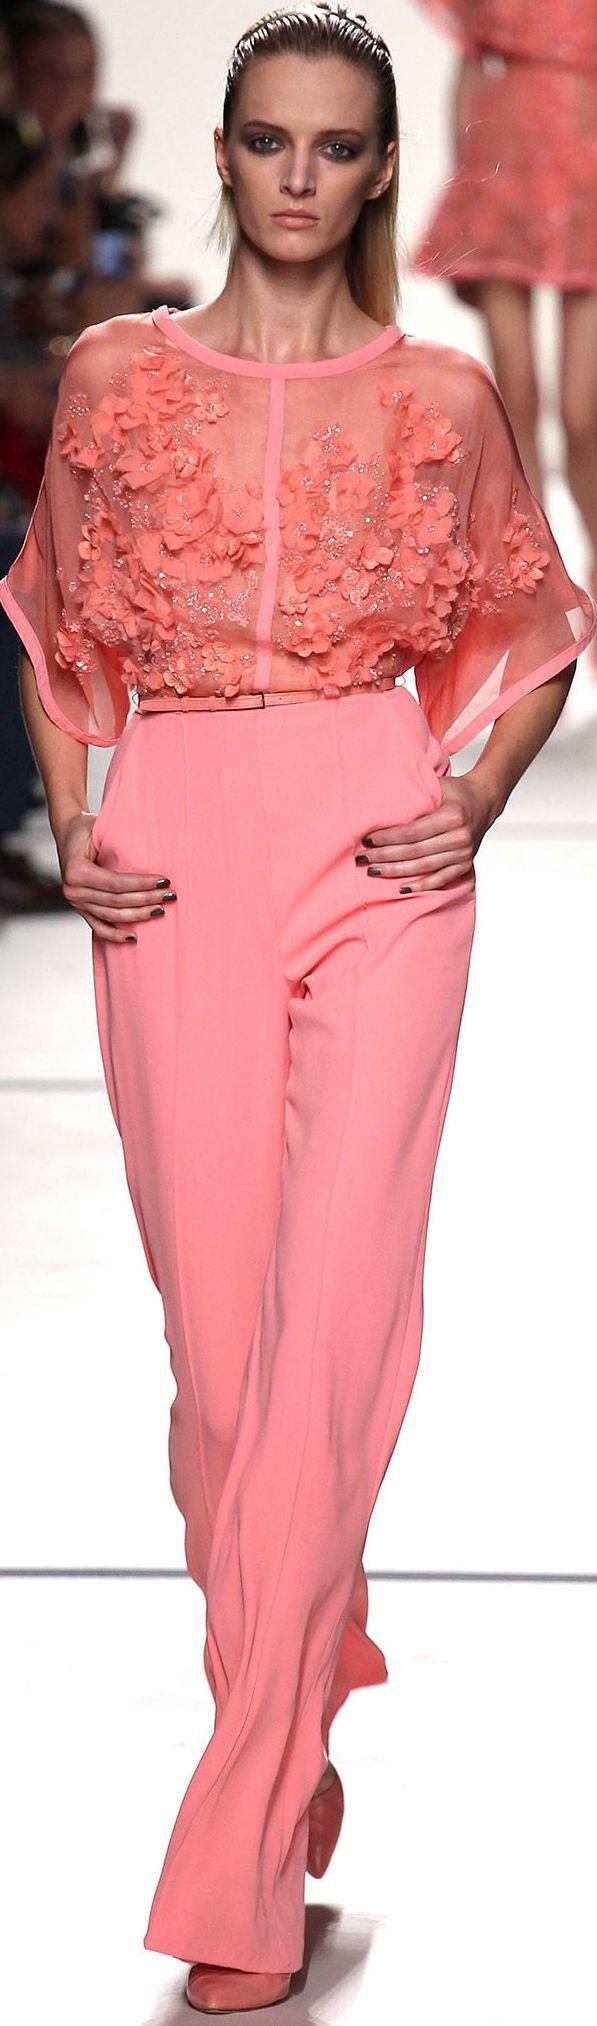 Elie Saab Spring 2014 Ready-to-Wear Fashion Show